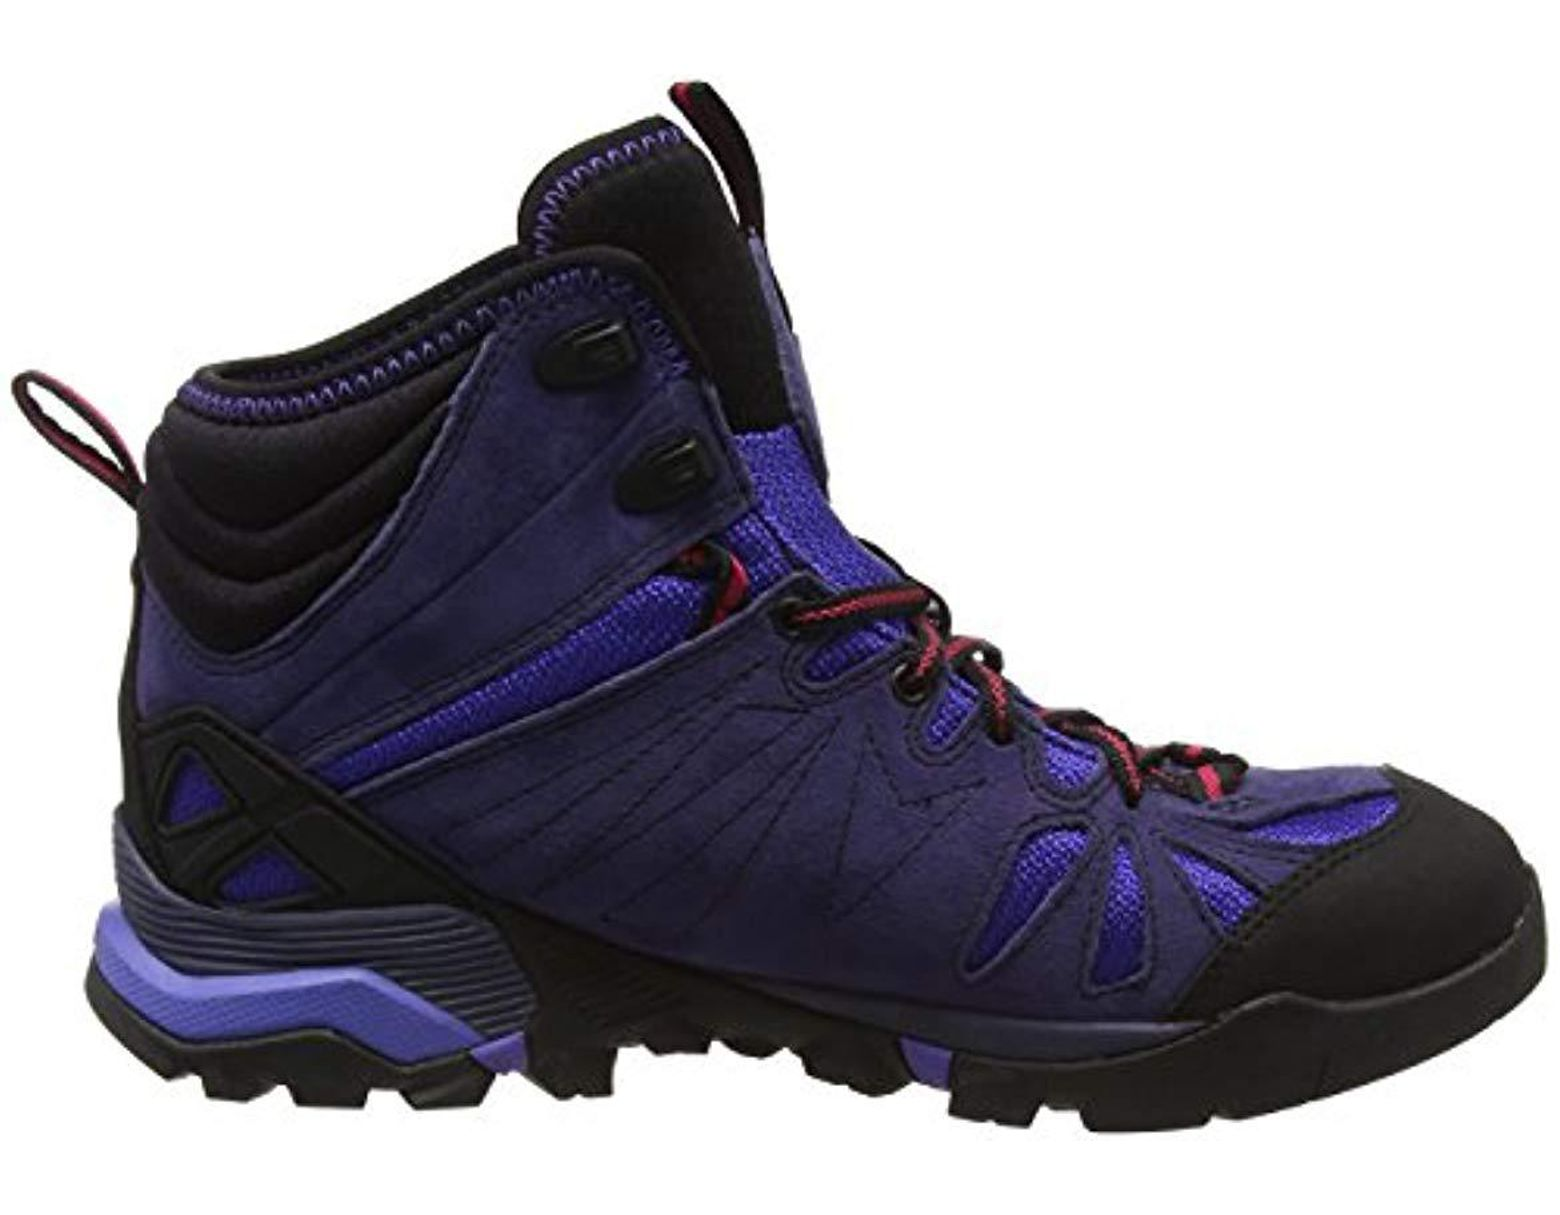 54b86a3da9e Merrell Capra Mid Gore-tex High Rise Hiking Boots - Lyst